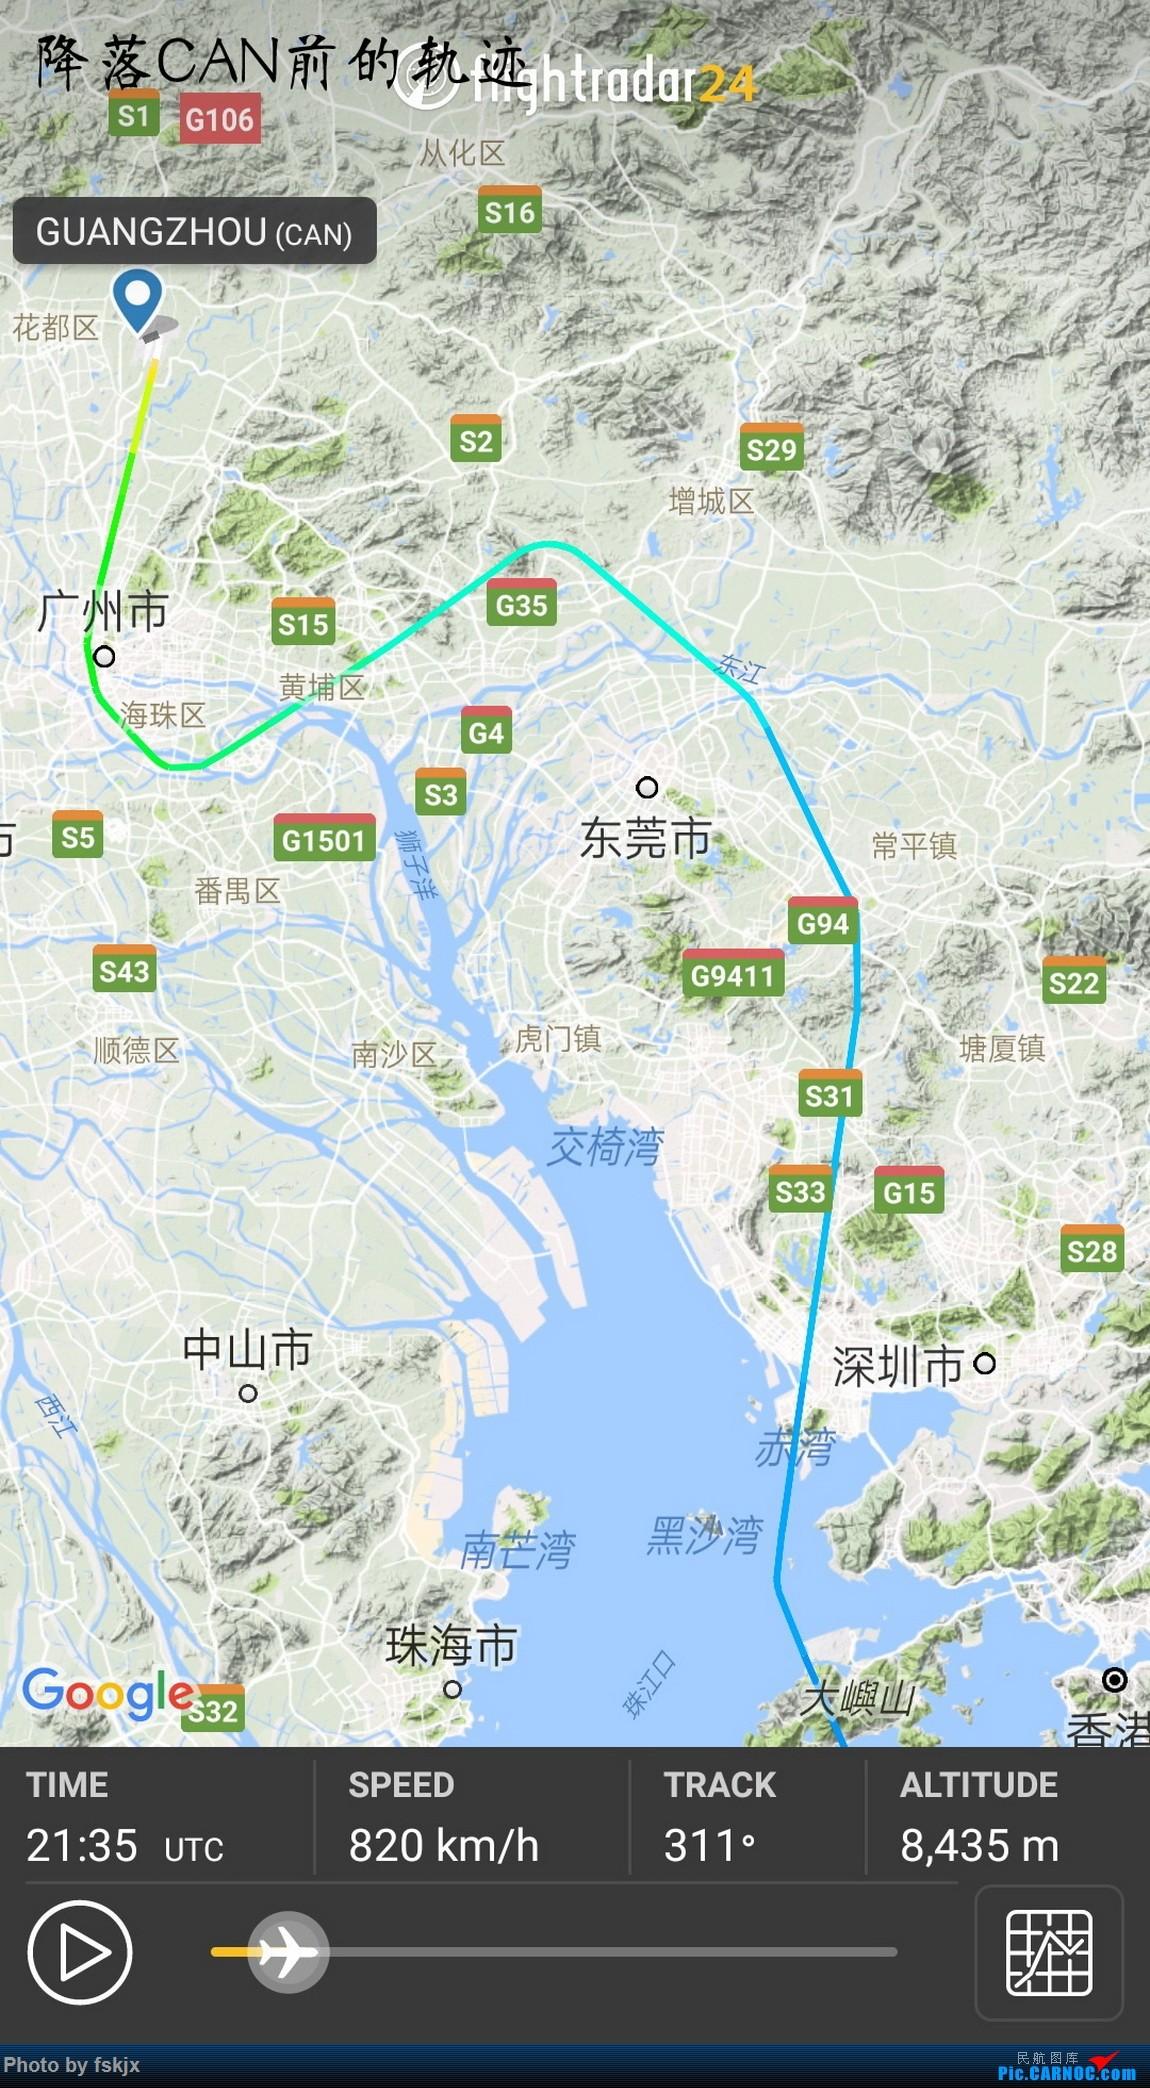 【fskjx的飞行游记☆53】相遇是奇迹·奥克兰 AIRBUS A330-200 B-6532 中国广州白云国际机场